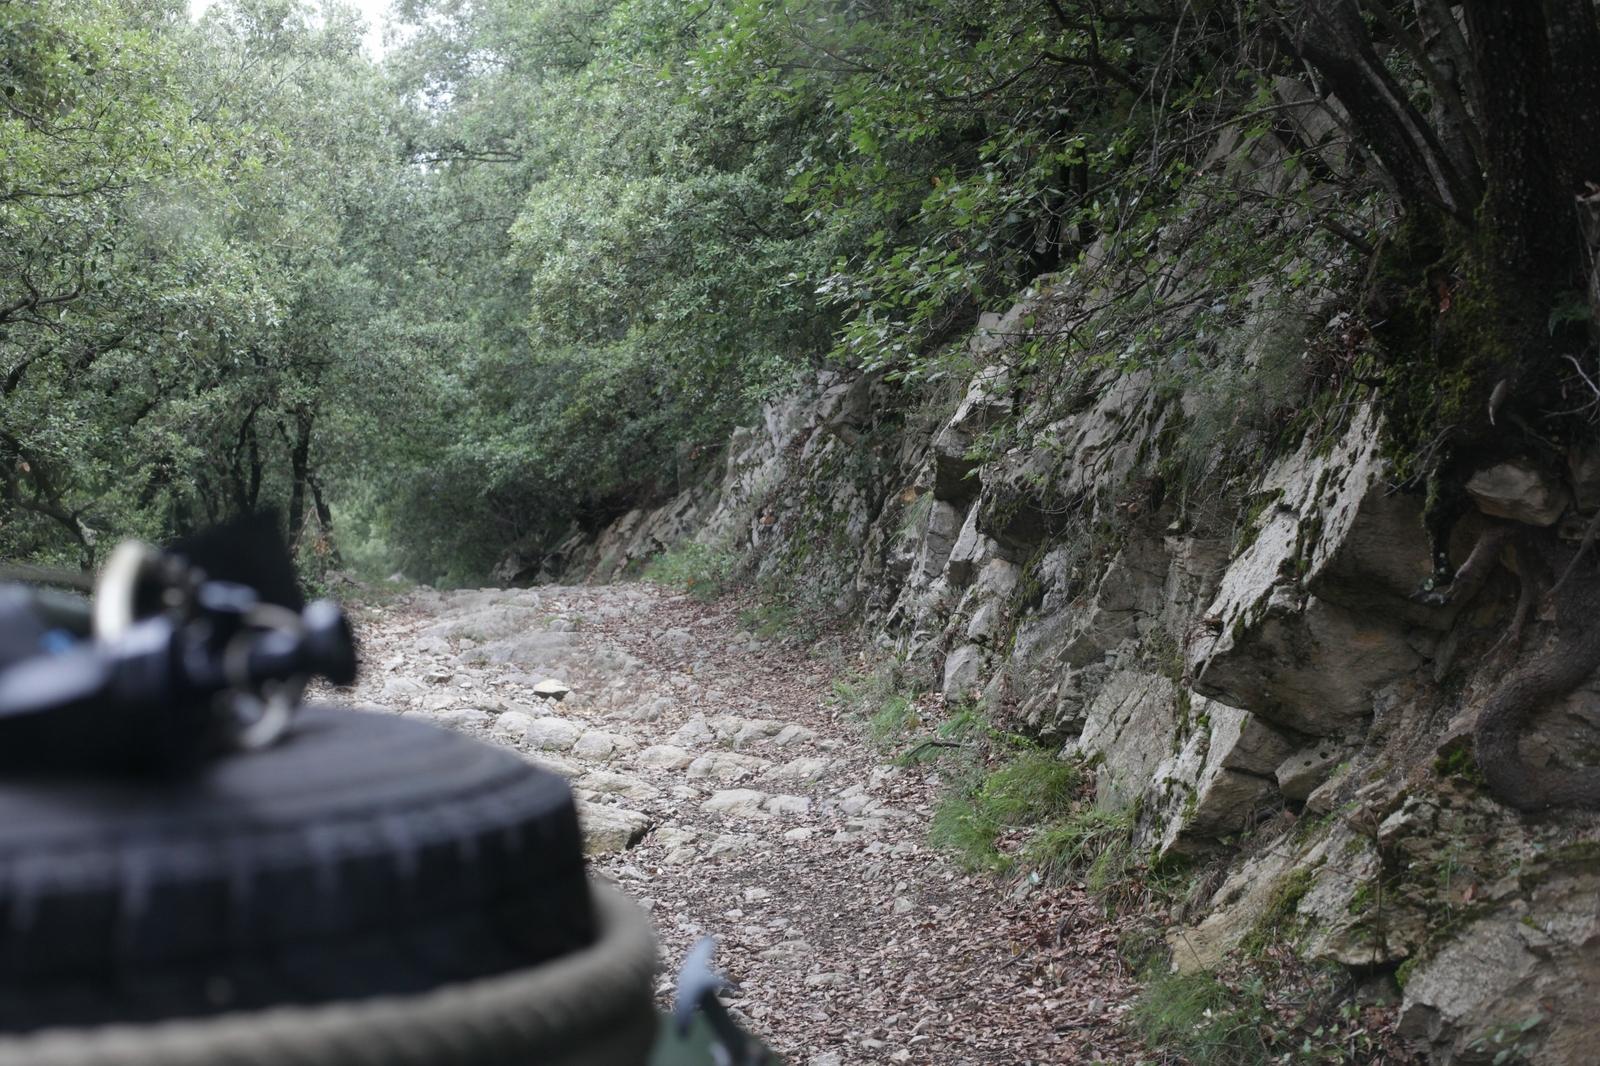 Im Oldtimer offroad durch die Pyrenäen - Keine gute Strecke - gut so.